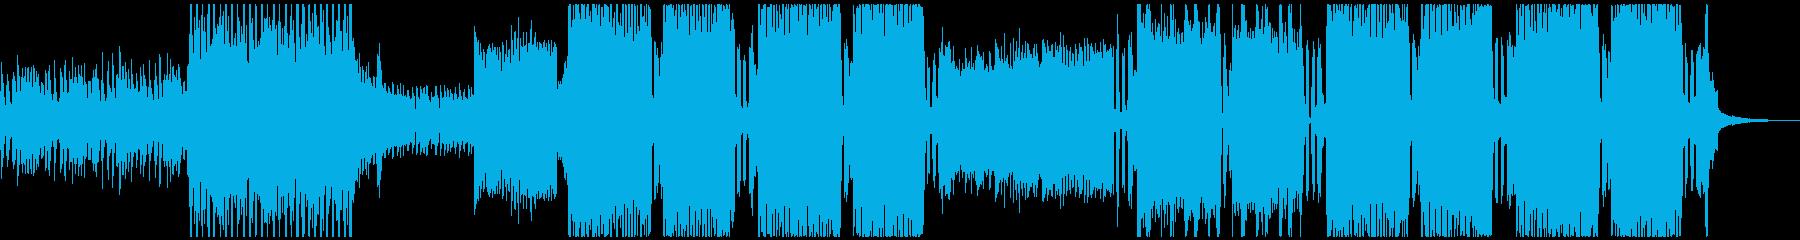 疾走感のあるシンフォニックEDMの再生済みの波形